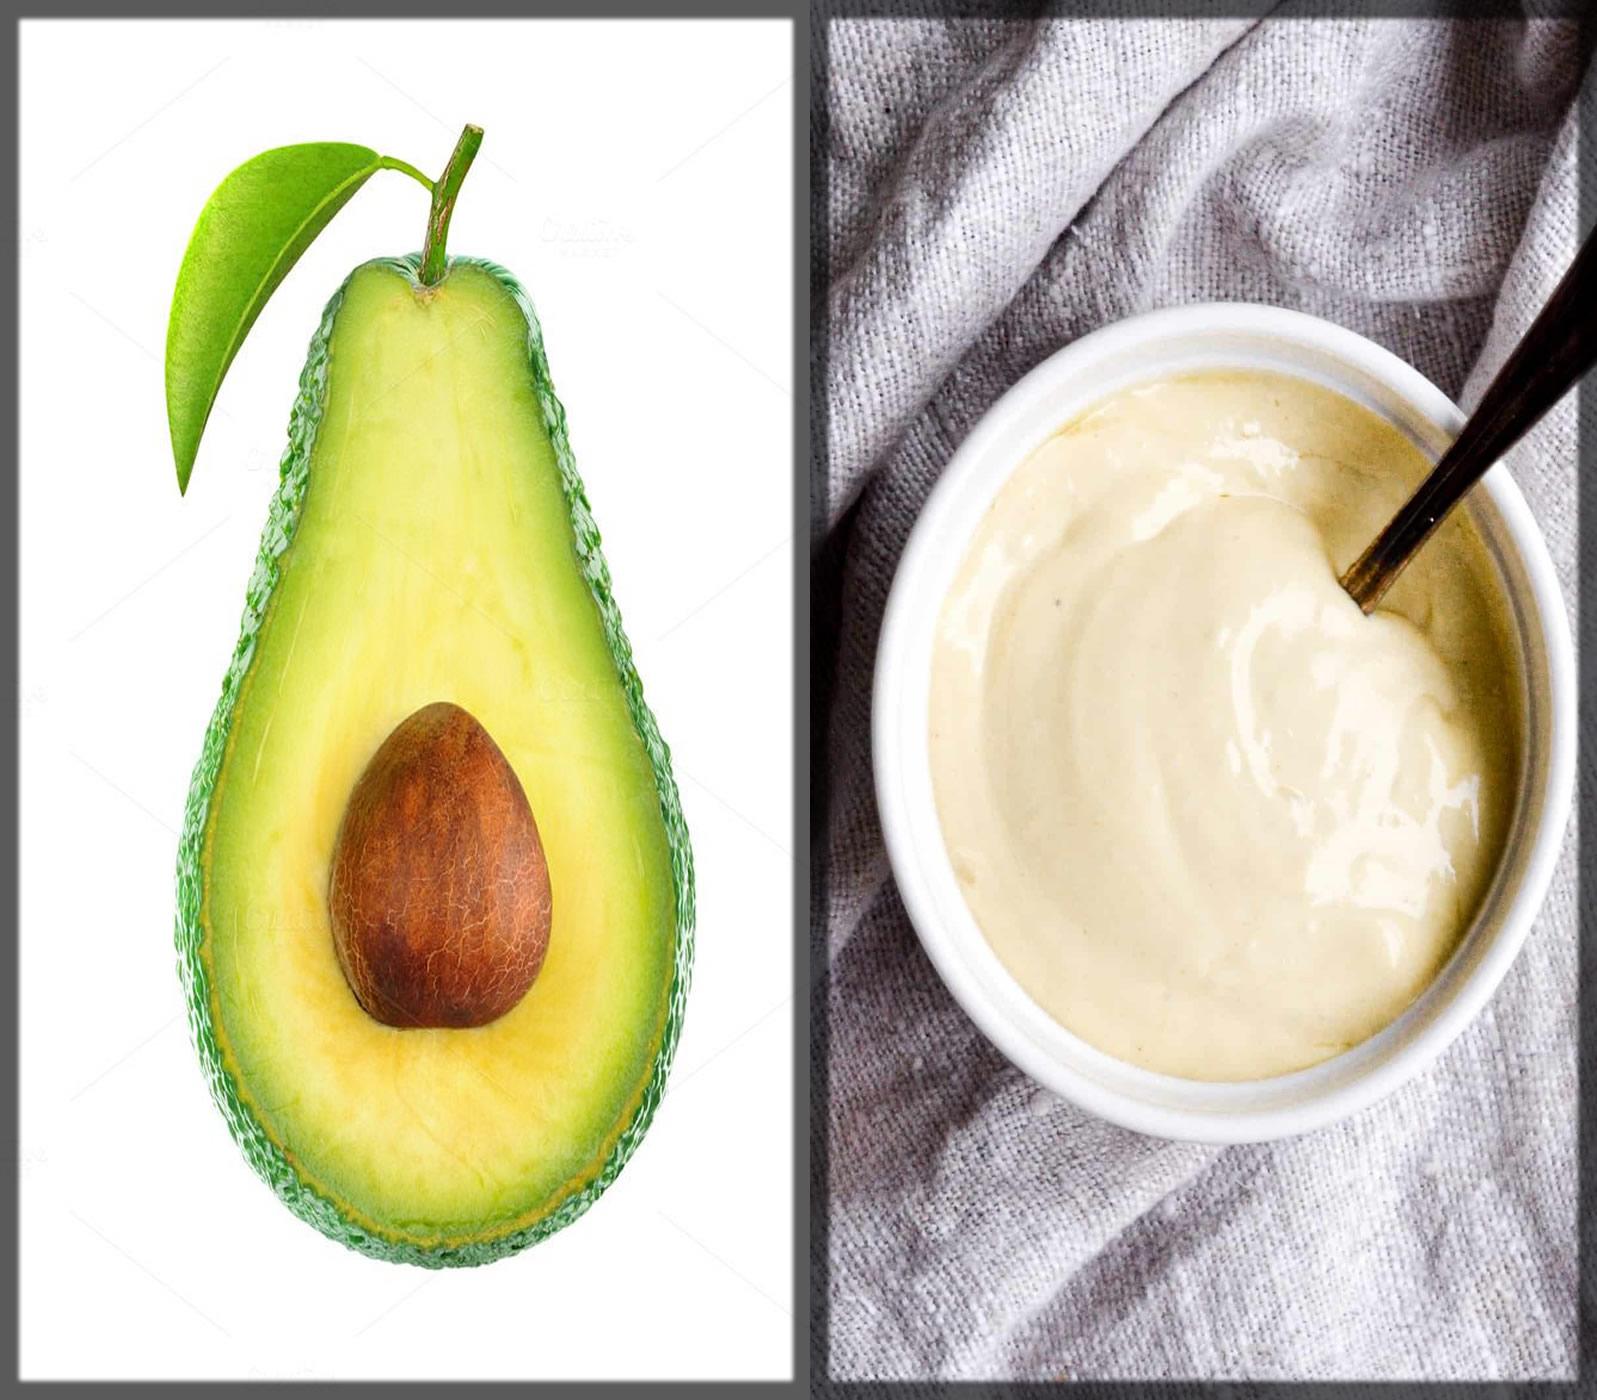 Mayonnaise And Avocado Mask